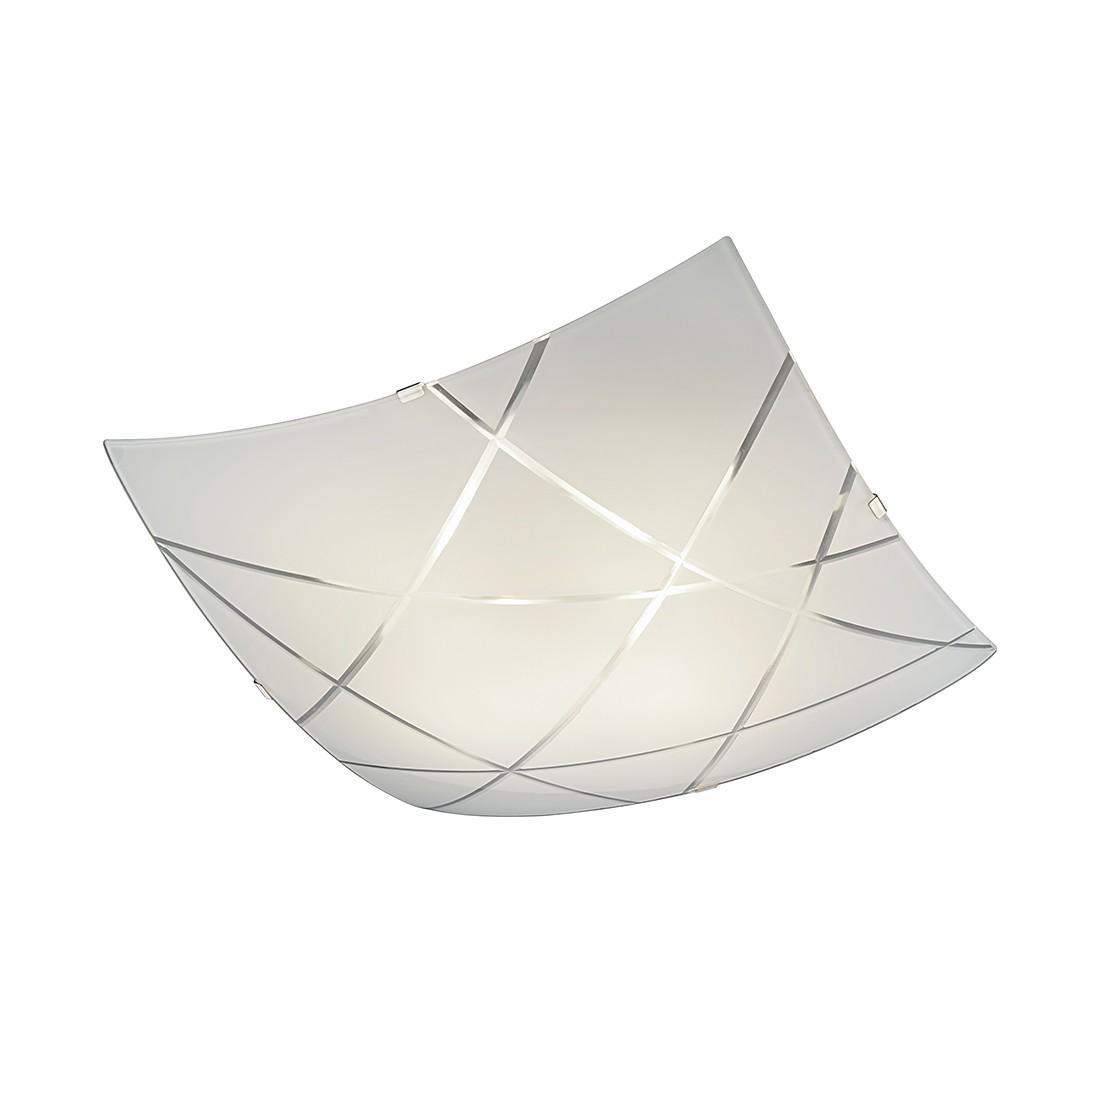 EEK A++, LED-Deckenleuchte – Chrom – 4×2 W, Trio jetzt kaufen